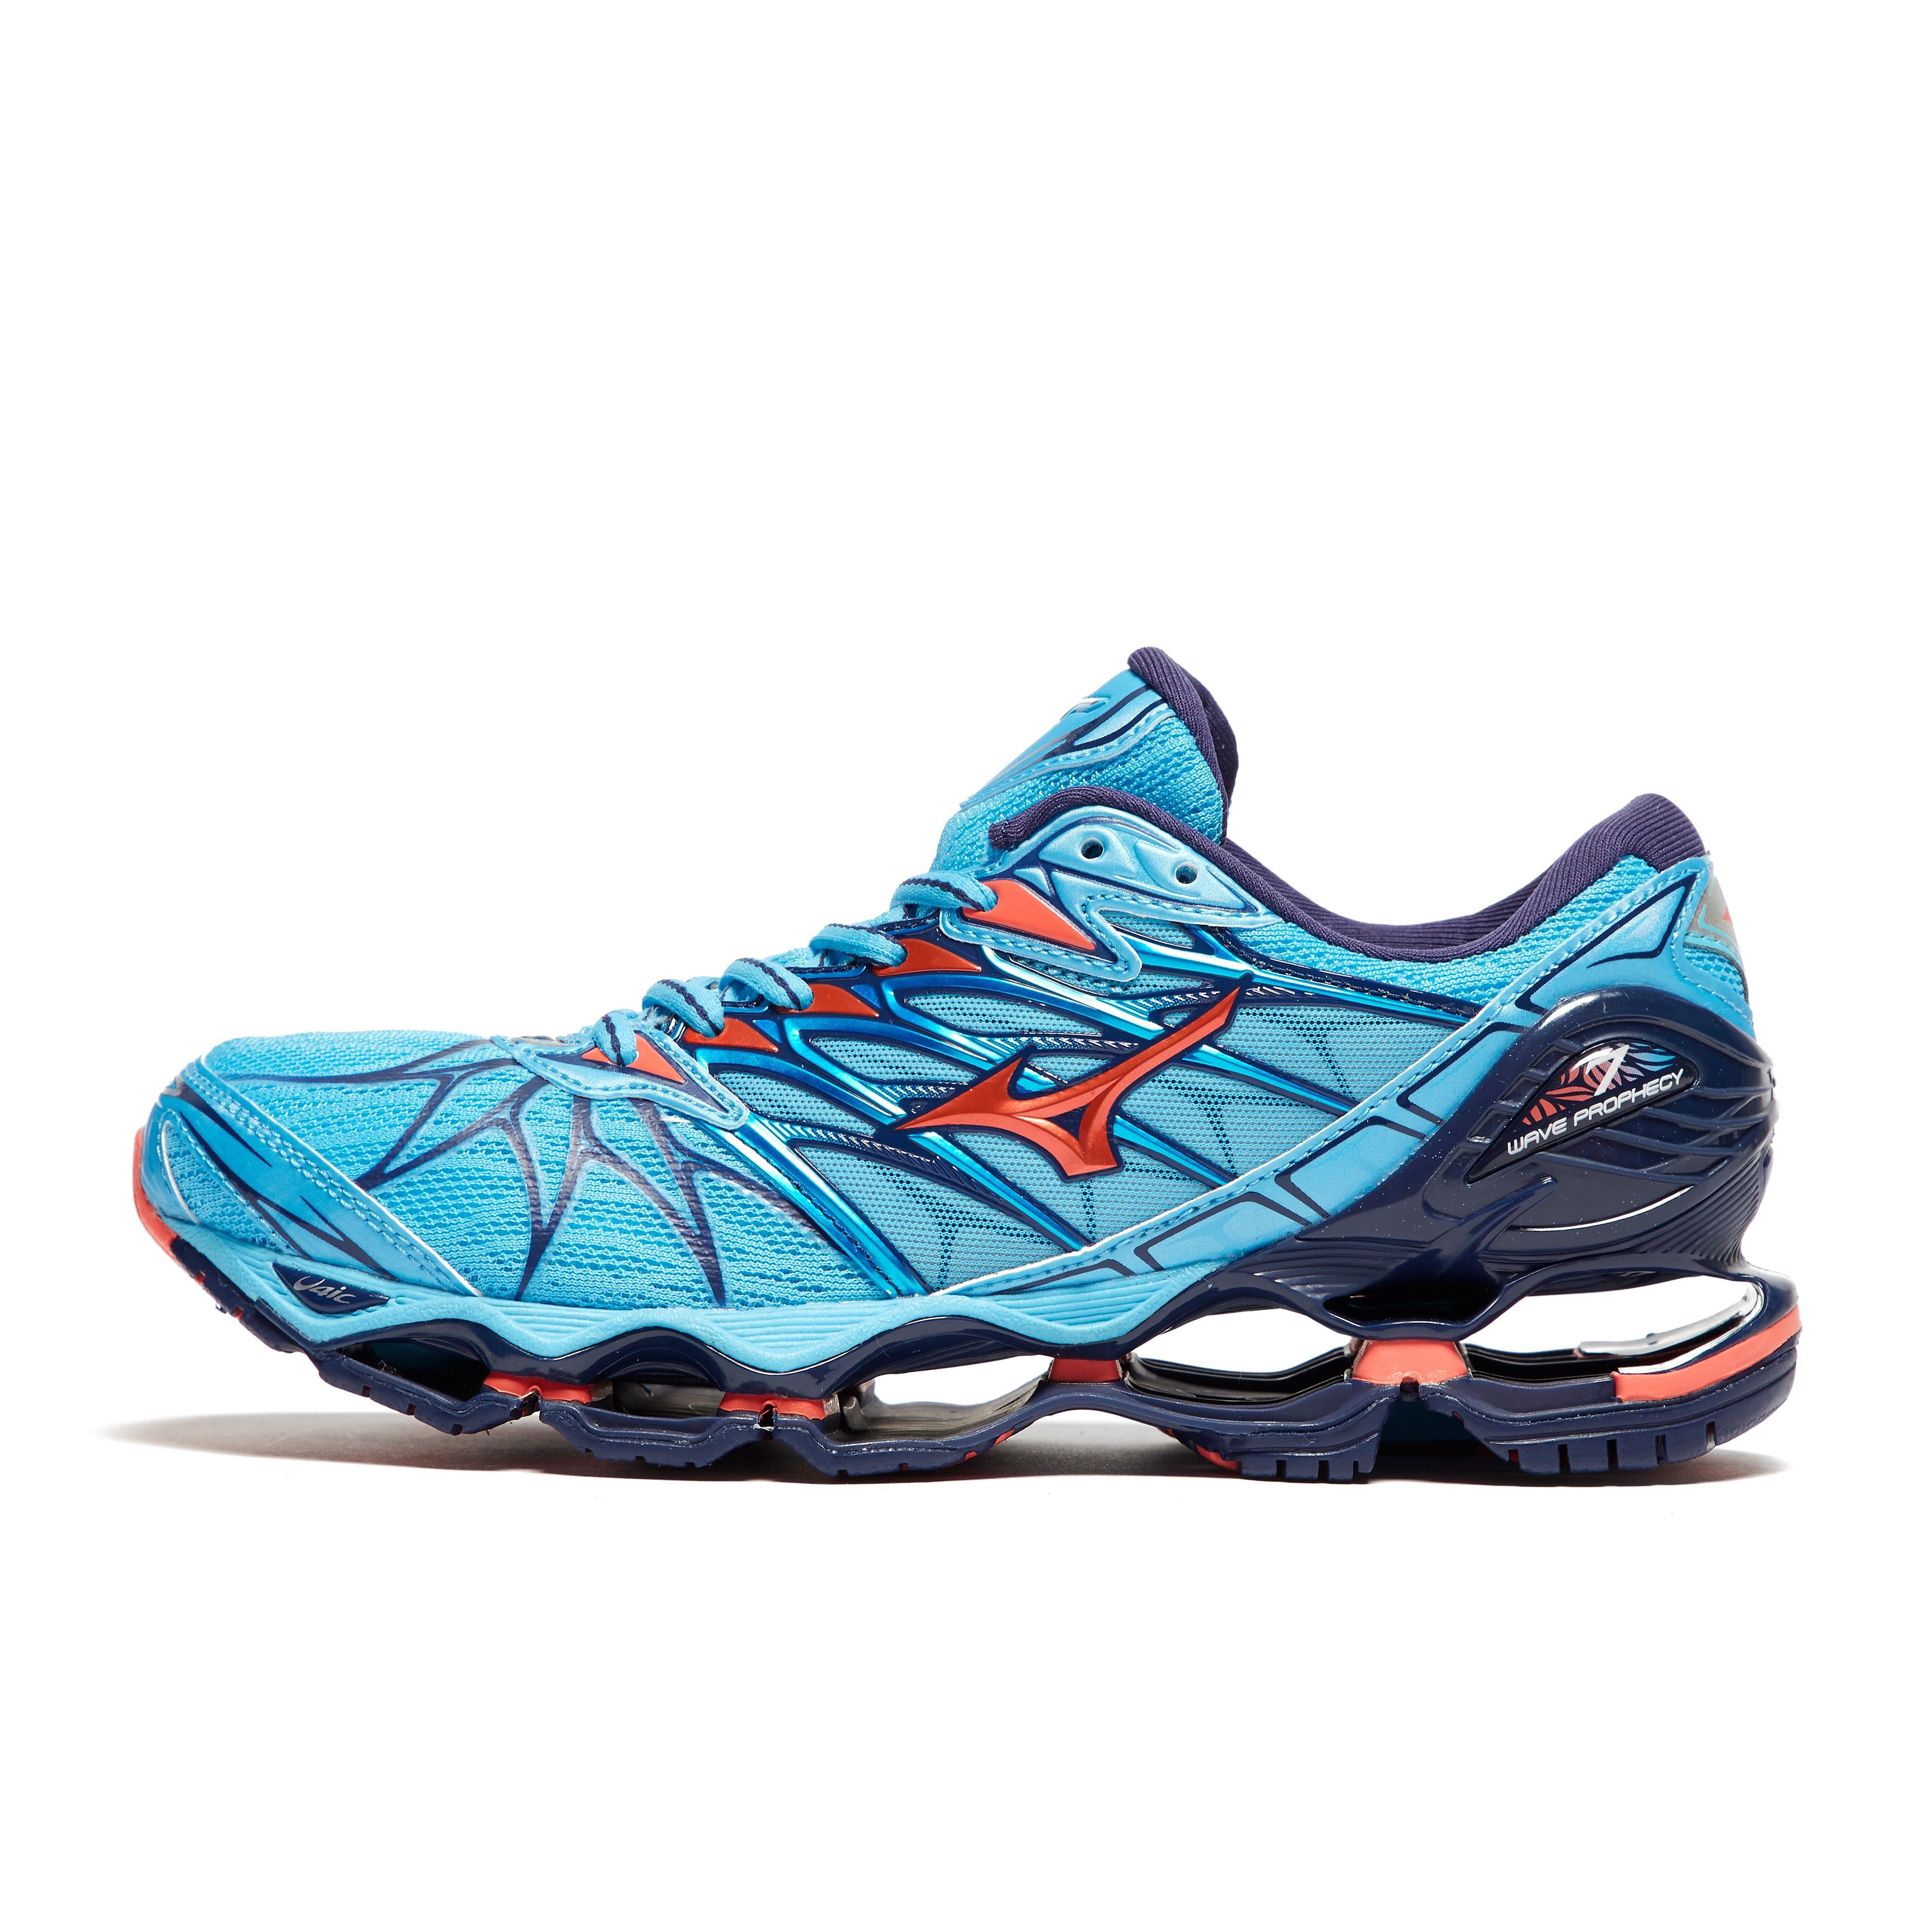 Mizuno Wave Prophecy 7 Women's Running Shoes